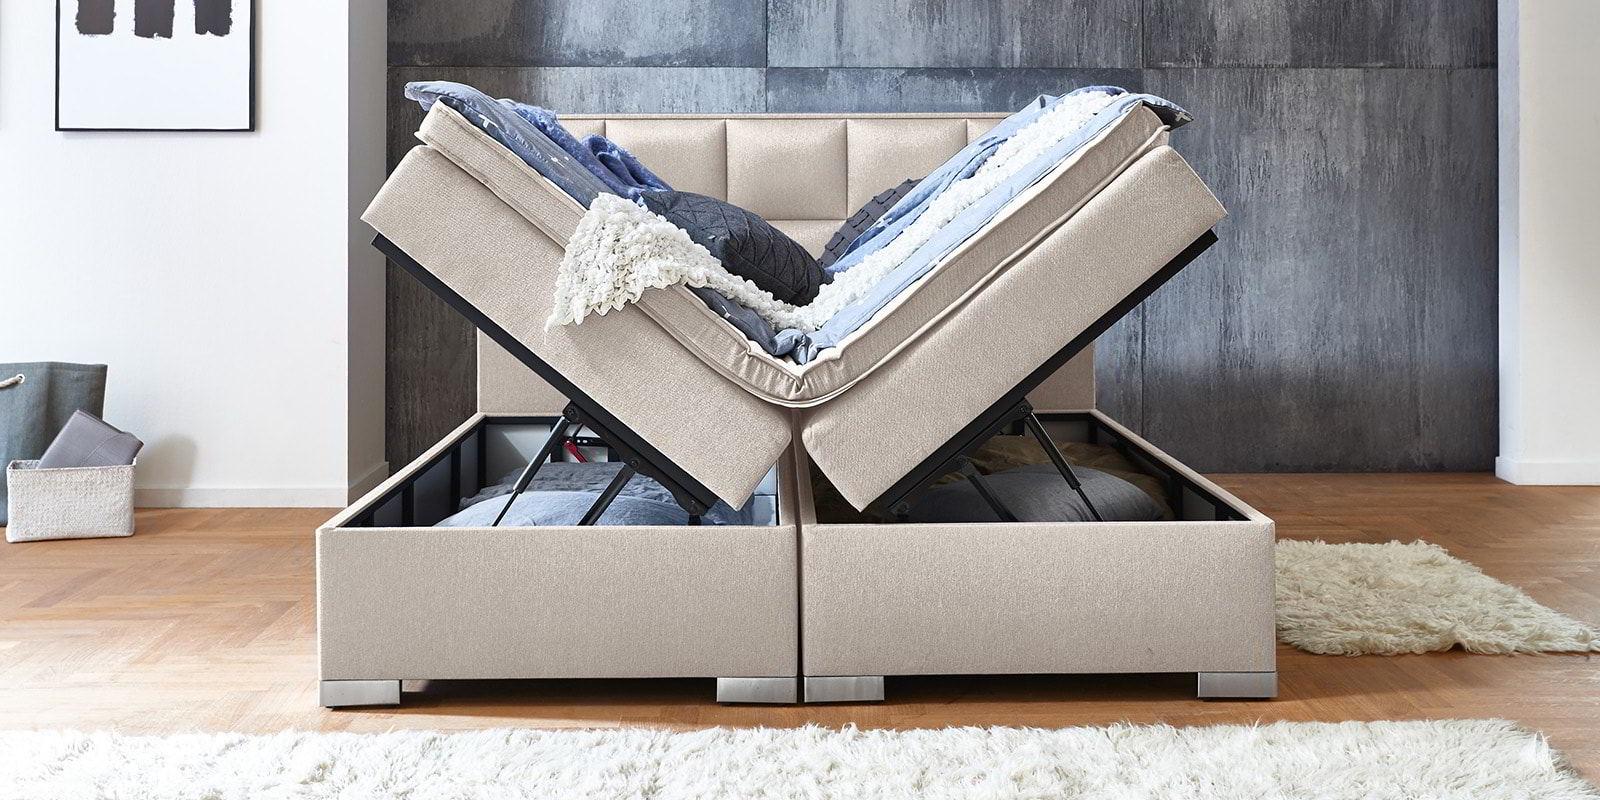 Boxspringbett Arizona In Altweiss Mit Bettkasten Und Stauraum Günstig Online Bei Moebella24 Kaufen